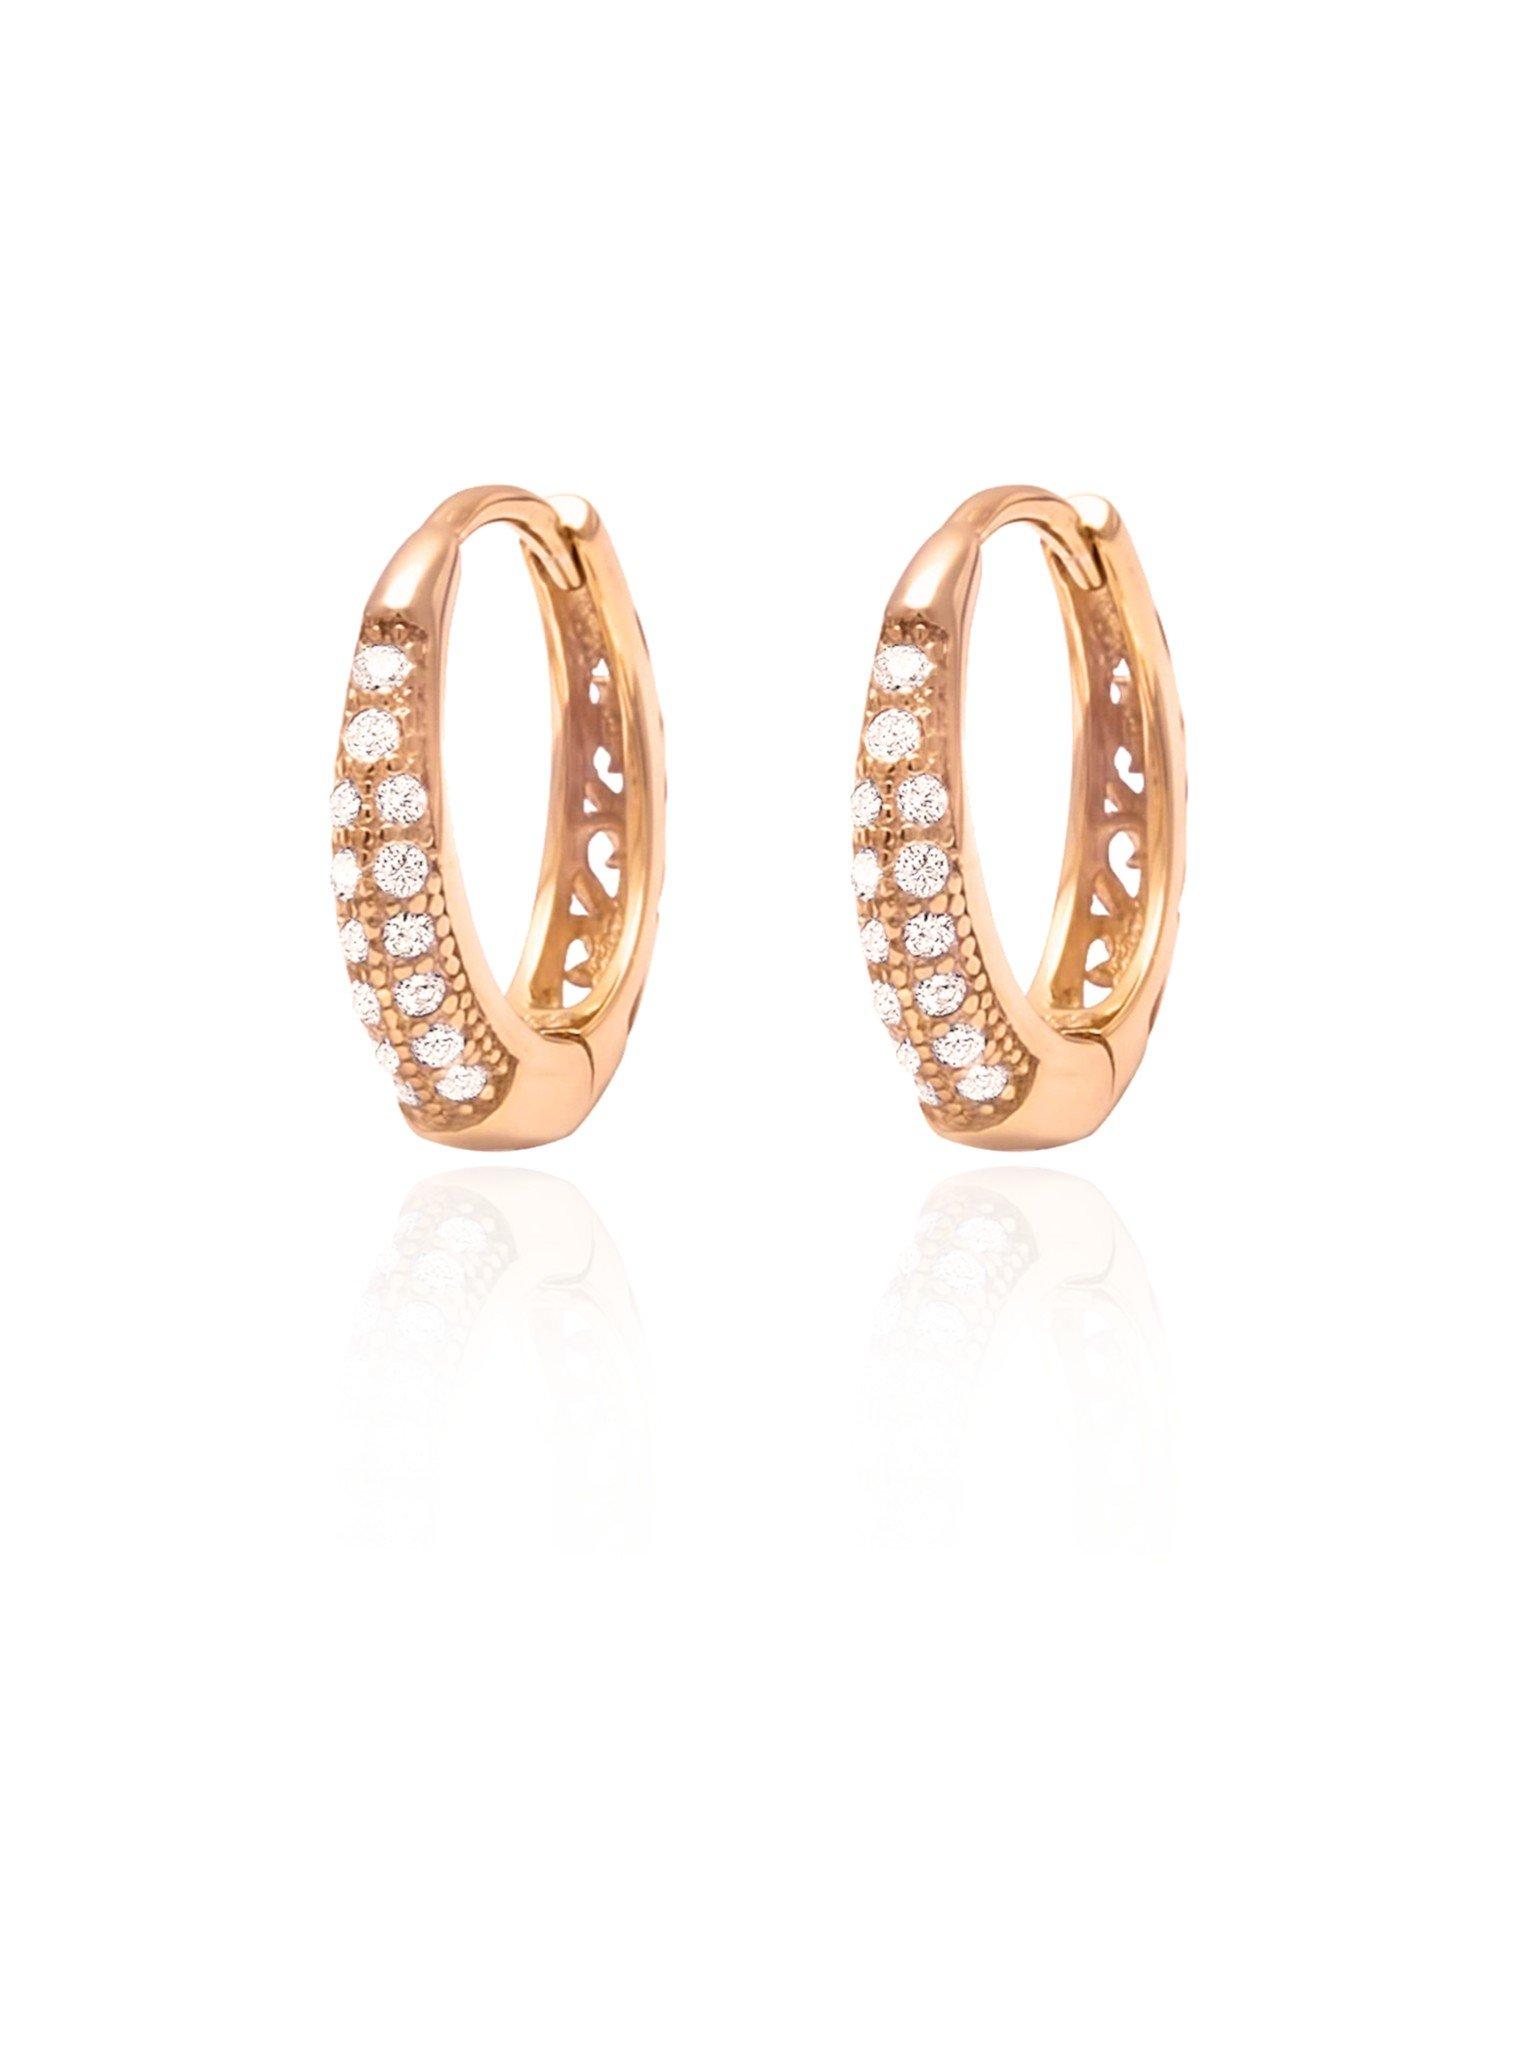 Gigi CZ Huggie Hoop Earrings in Rose Gold